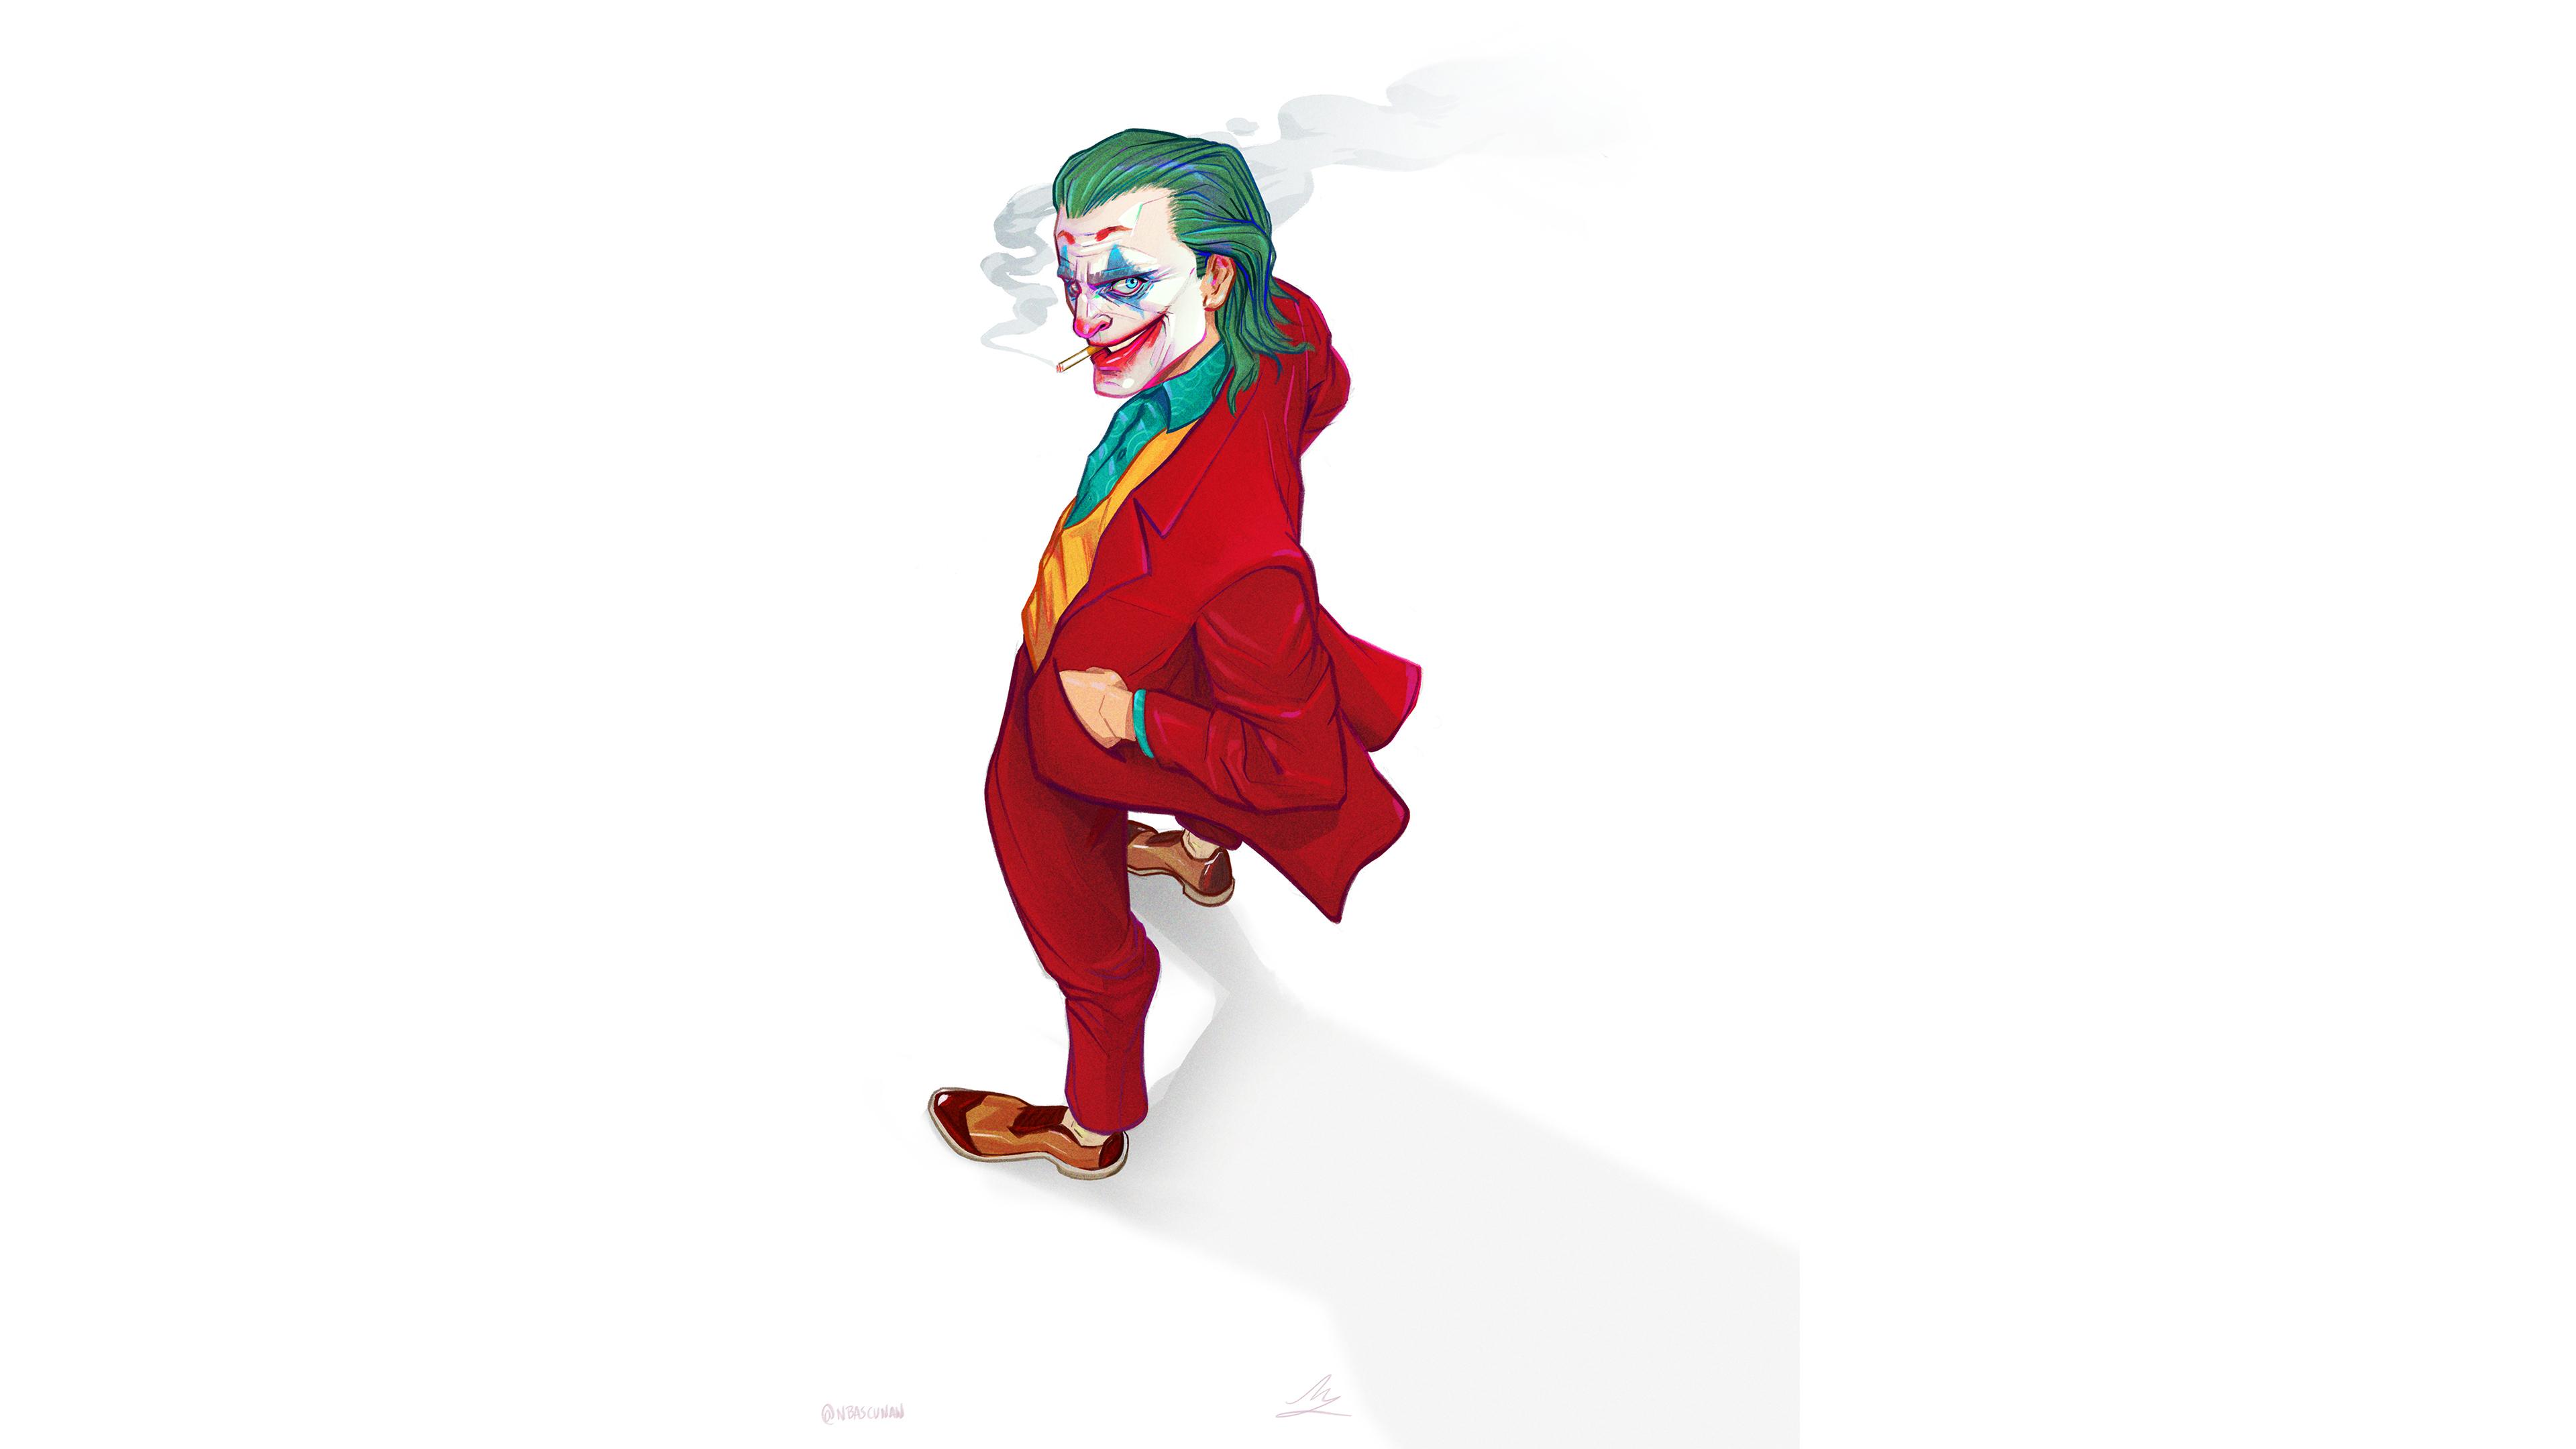 joker up 1572367945 - Joker Up - supervillain wallpapers, superheroes wallpapers, joker wallpapers, joker movie wallpapers, hd-wallpapers, 4k-wallpapers